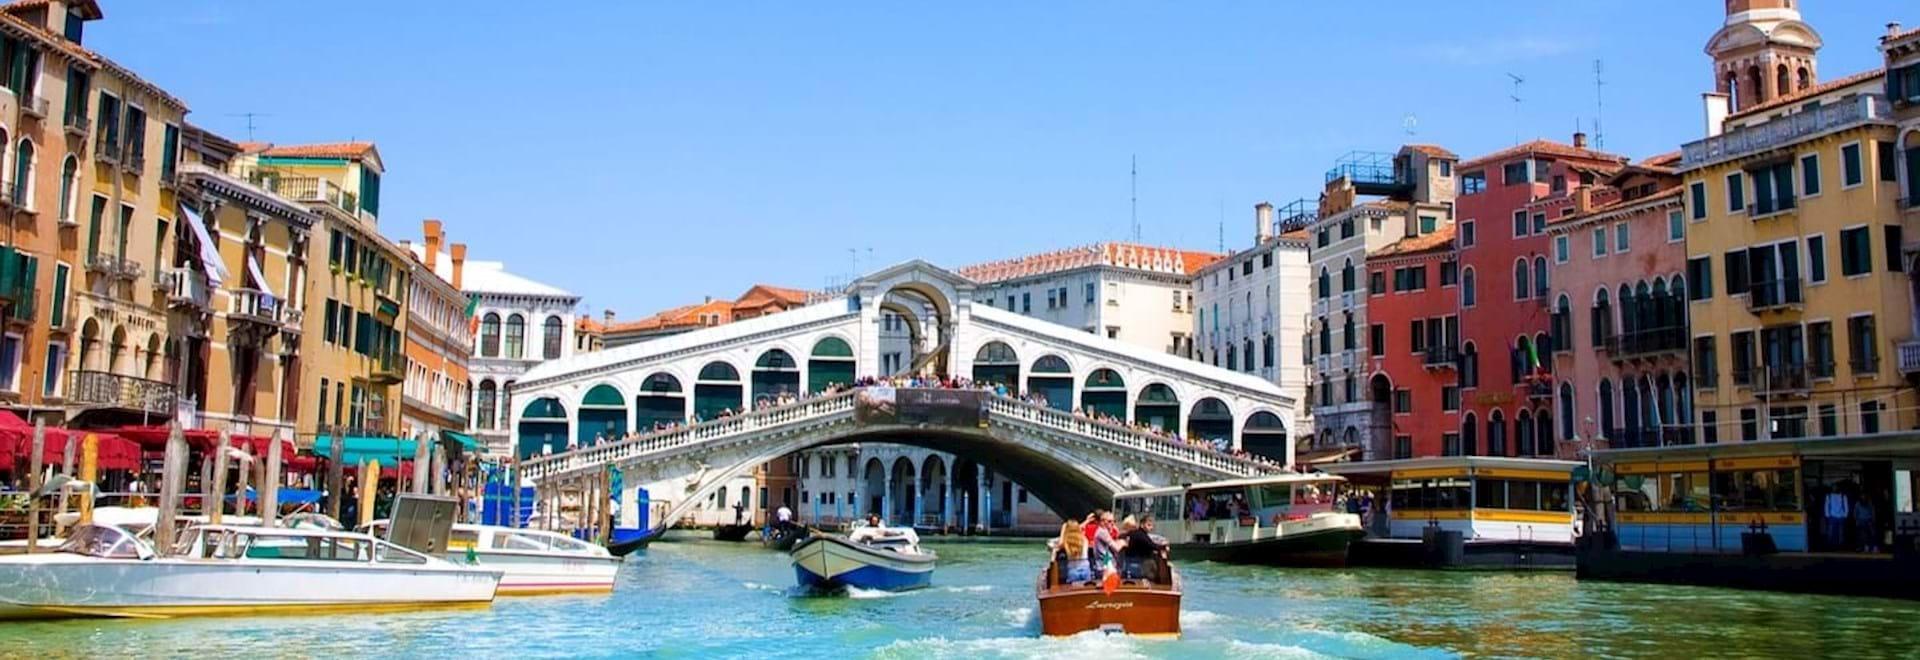 Rialto Bridge over the Grand Canal in Venice